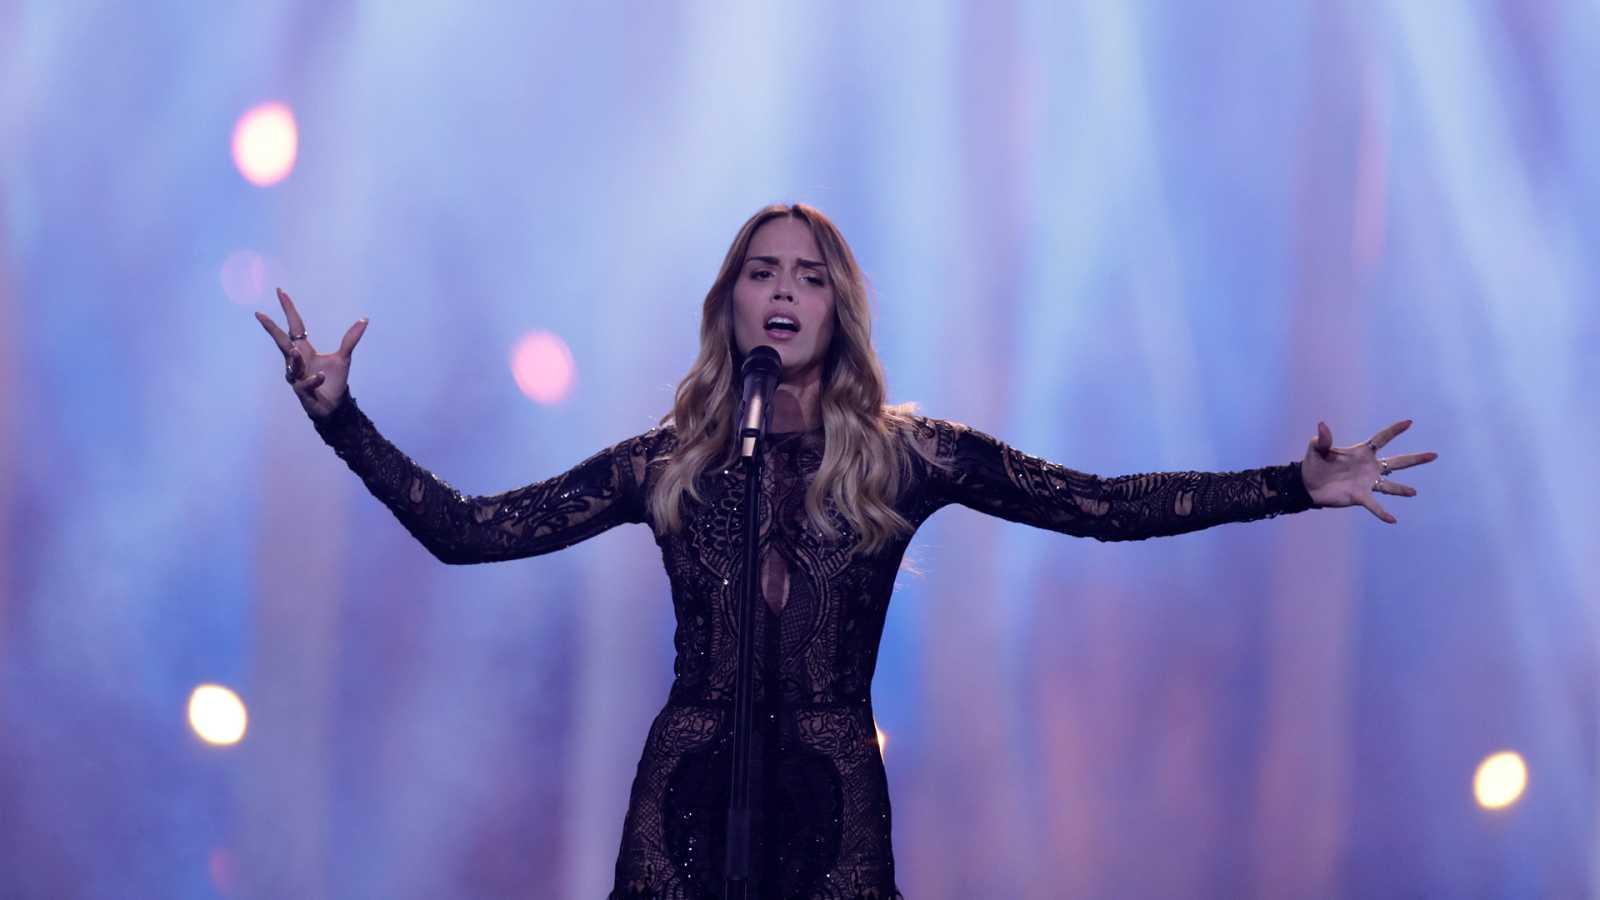 """Eurovisión - Croacia: Franka Batelic canta """"Crazy"""" en la primera semifinal de Eurovisión 2018"""